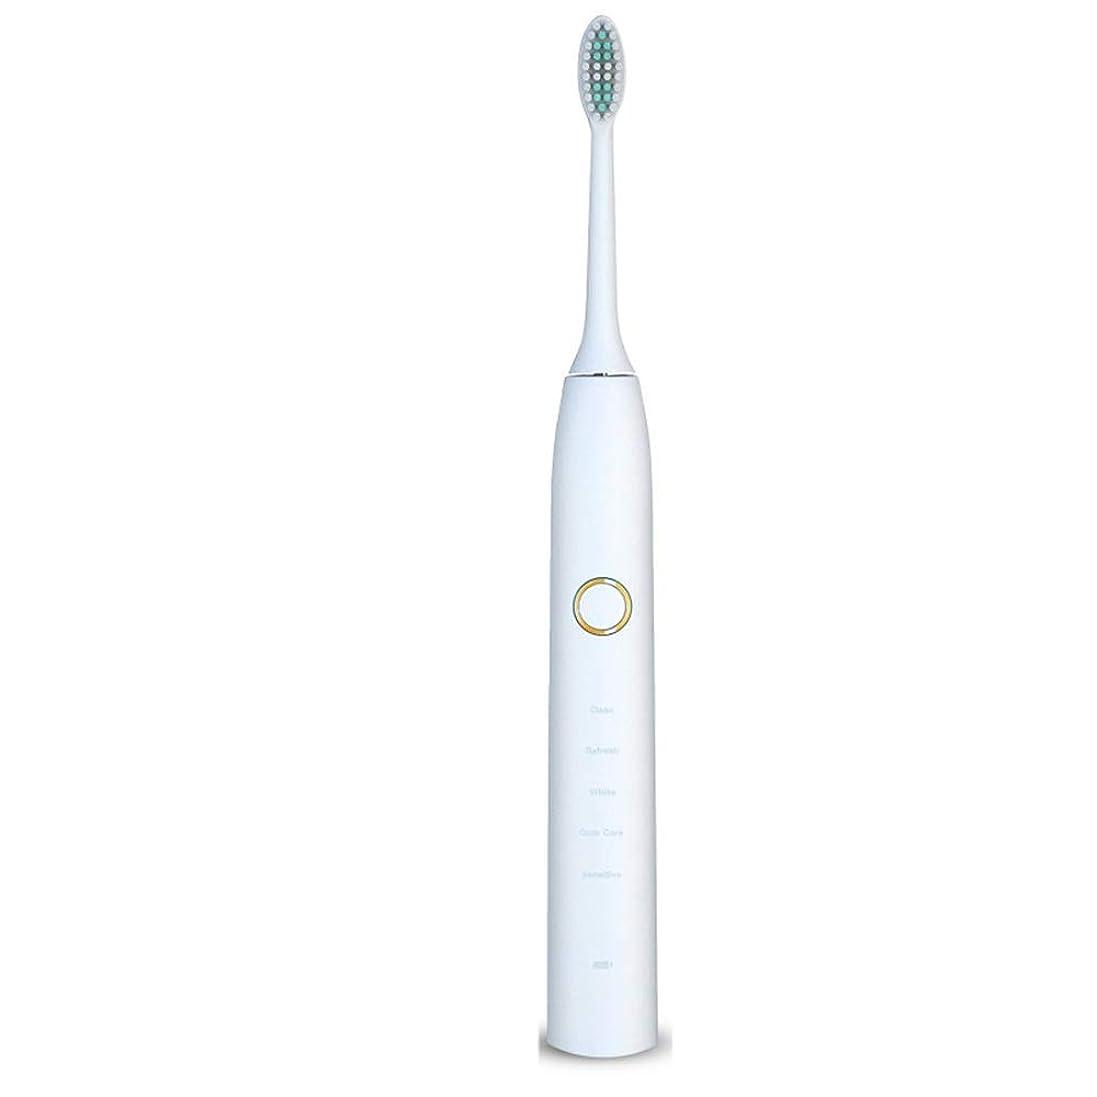 黒くする霜チーム電動歯ブラシ 電動歯ブラシUSB充電式ソフトヘア保護クリーンホワイトニング歯ブラシ ケアー プロテクトクリーン (色 : 白, サイズ : Free size)